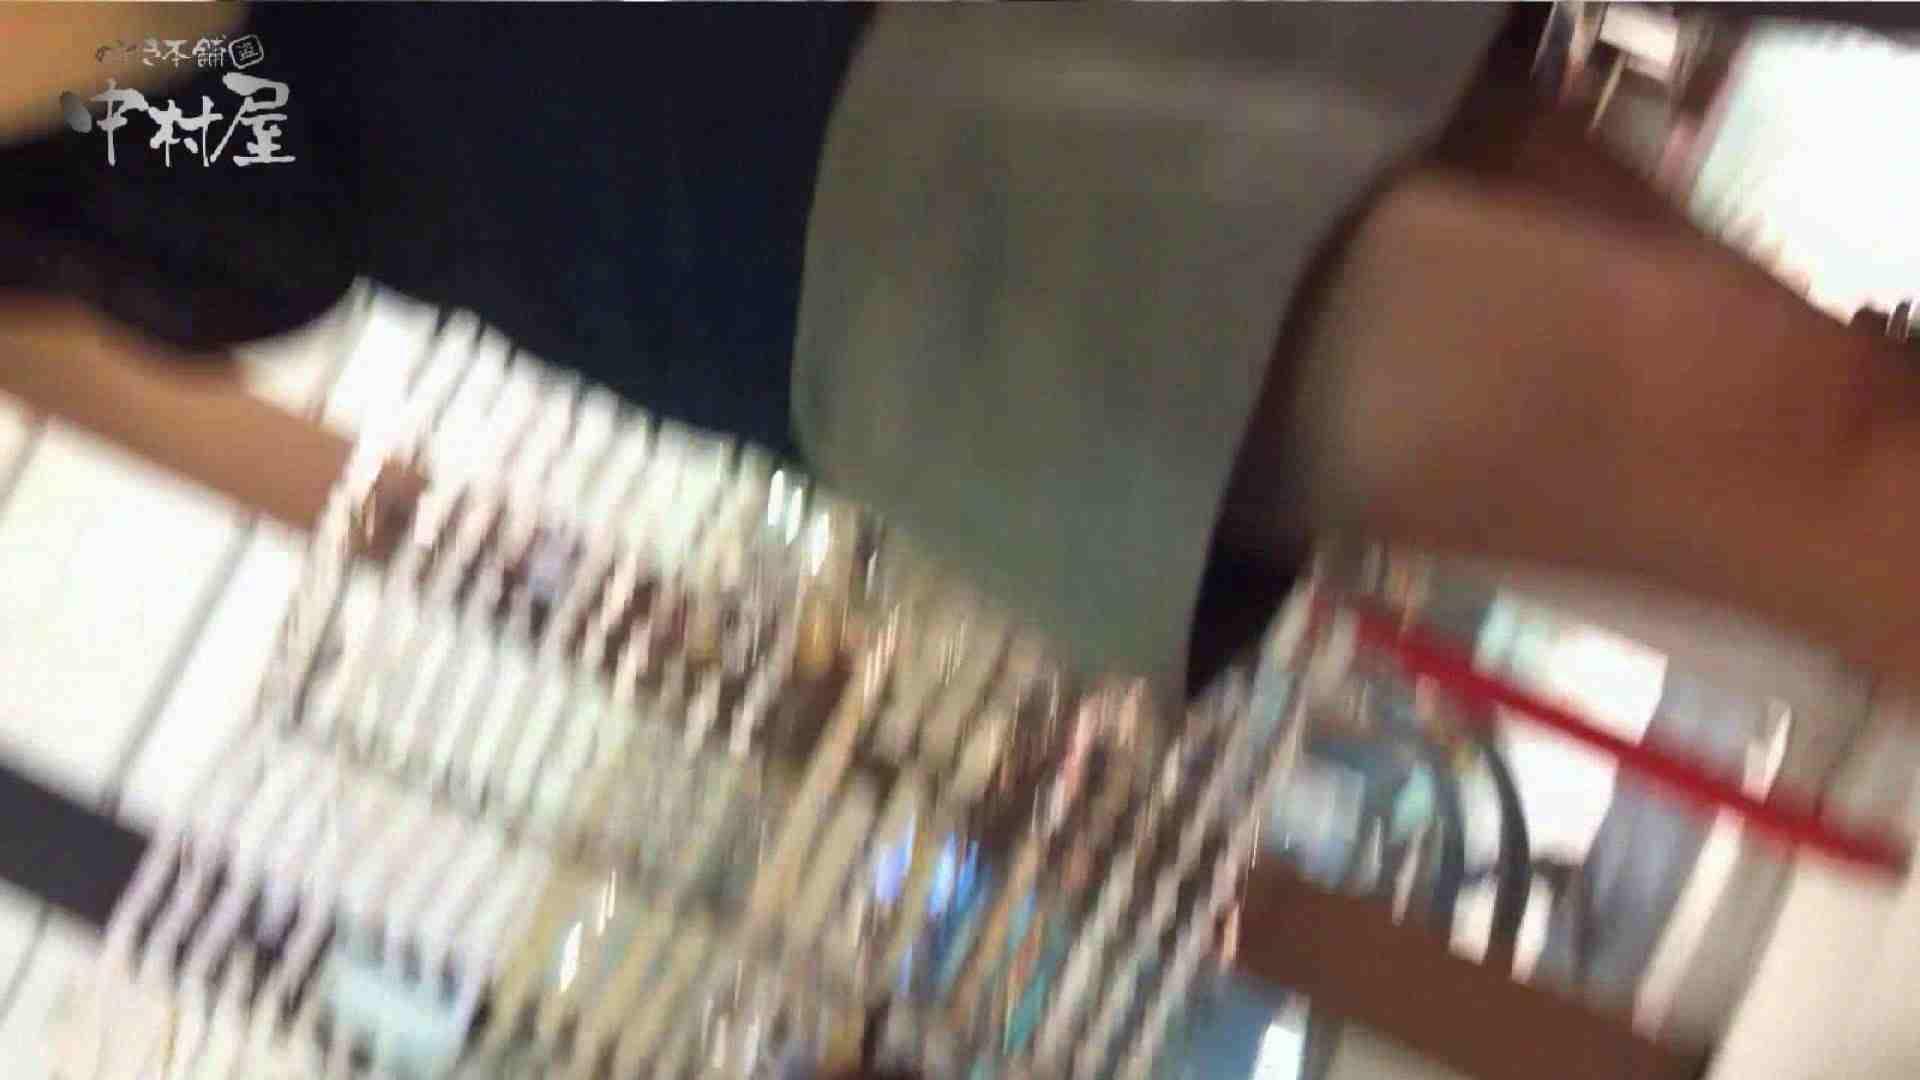 vol.83 美人アパレル胸チラ&パンチラ 赤Tバック店員さんいらっしゃい 胸チラ 盗撮AV動画キャプチャ 94連発 77